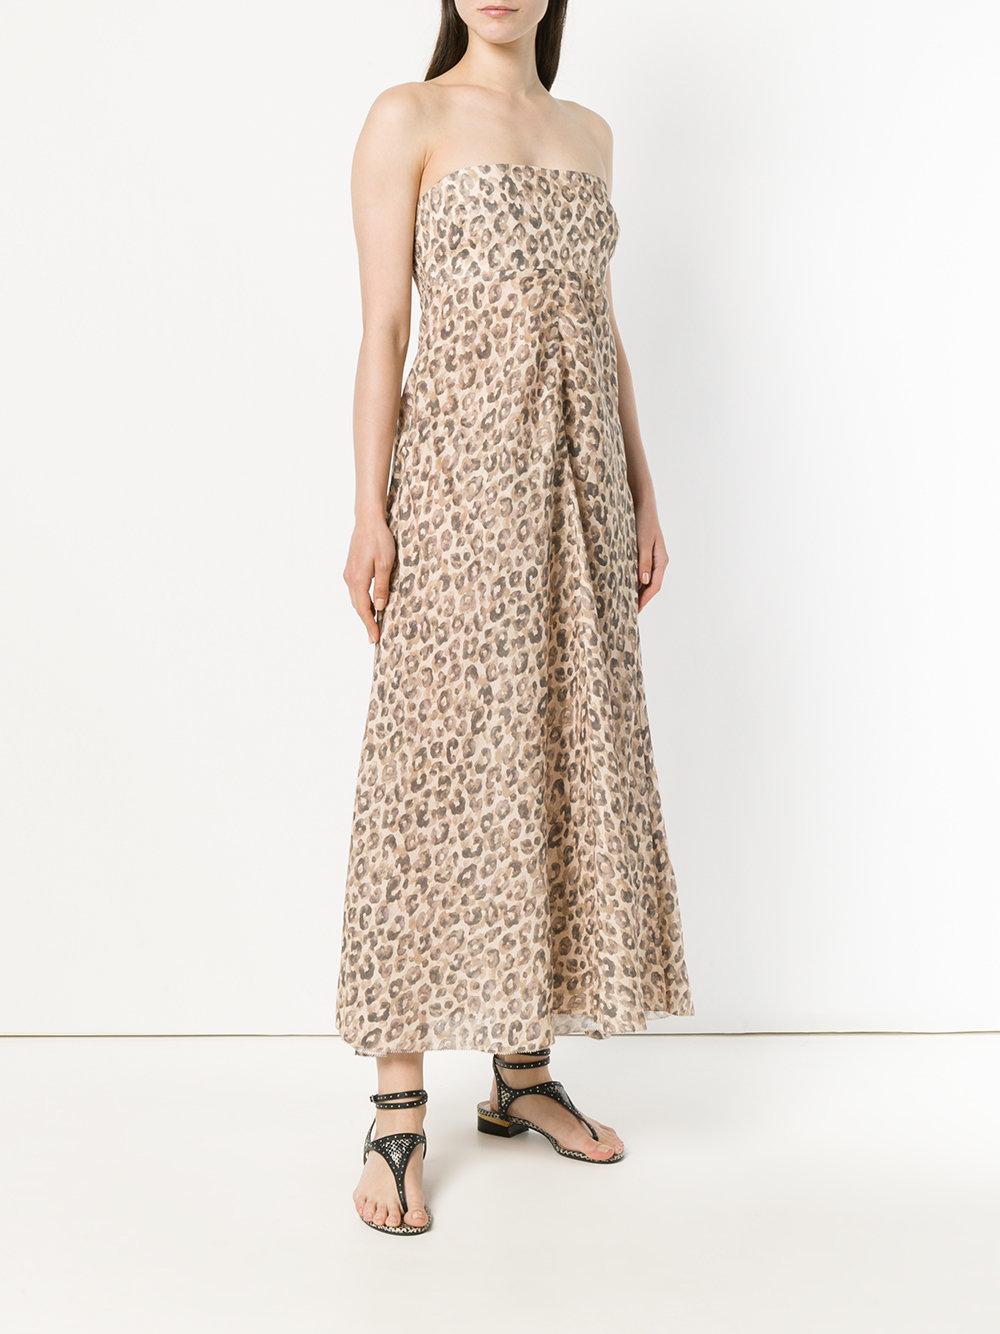 Zimmermann Linen Leopard Print Sleeveless Dress in Brown